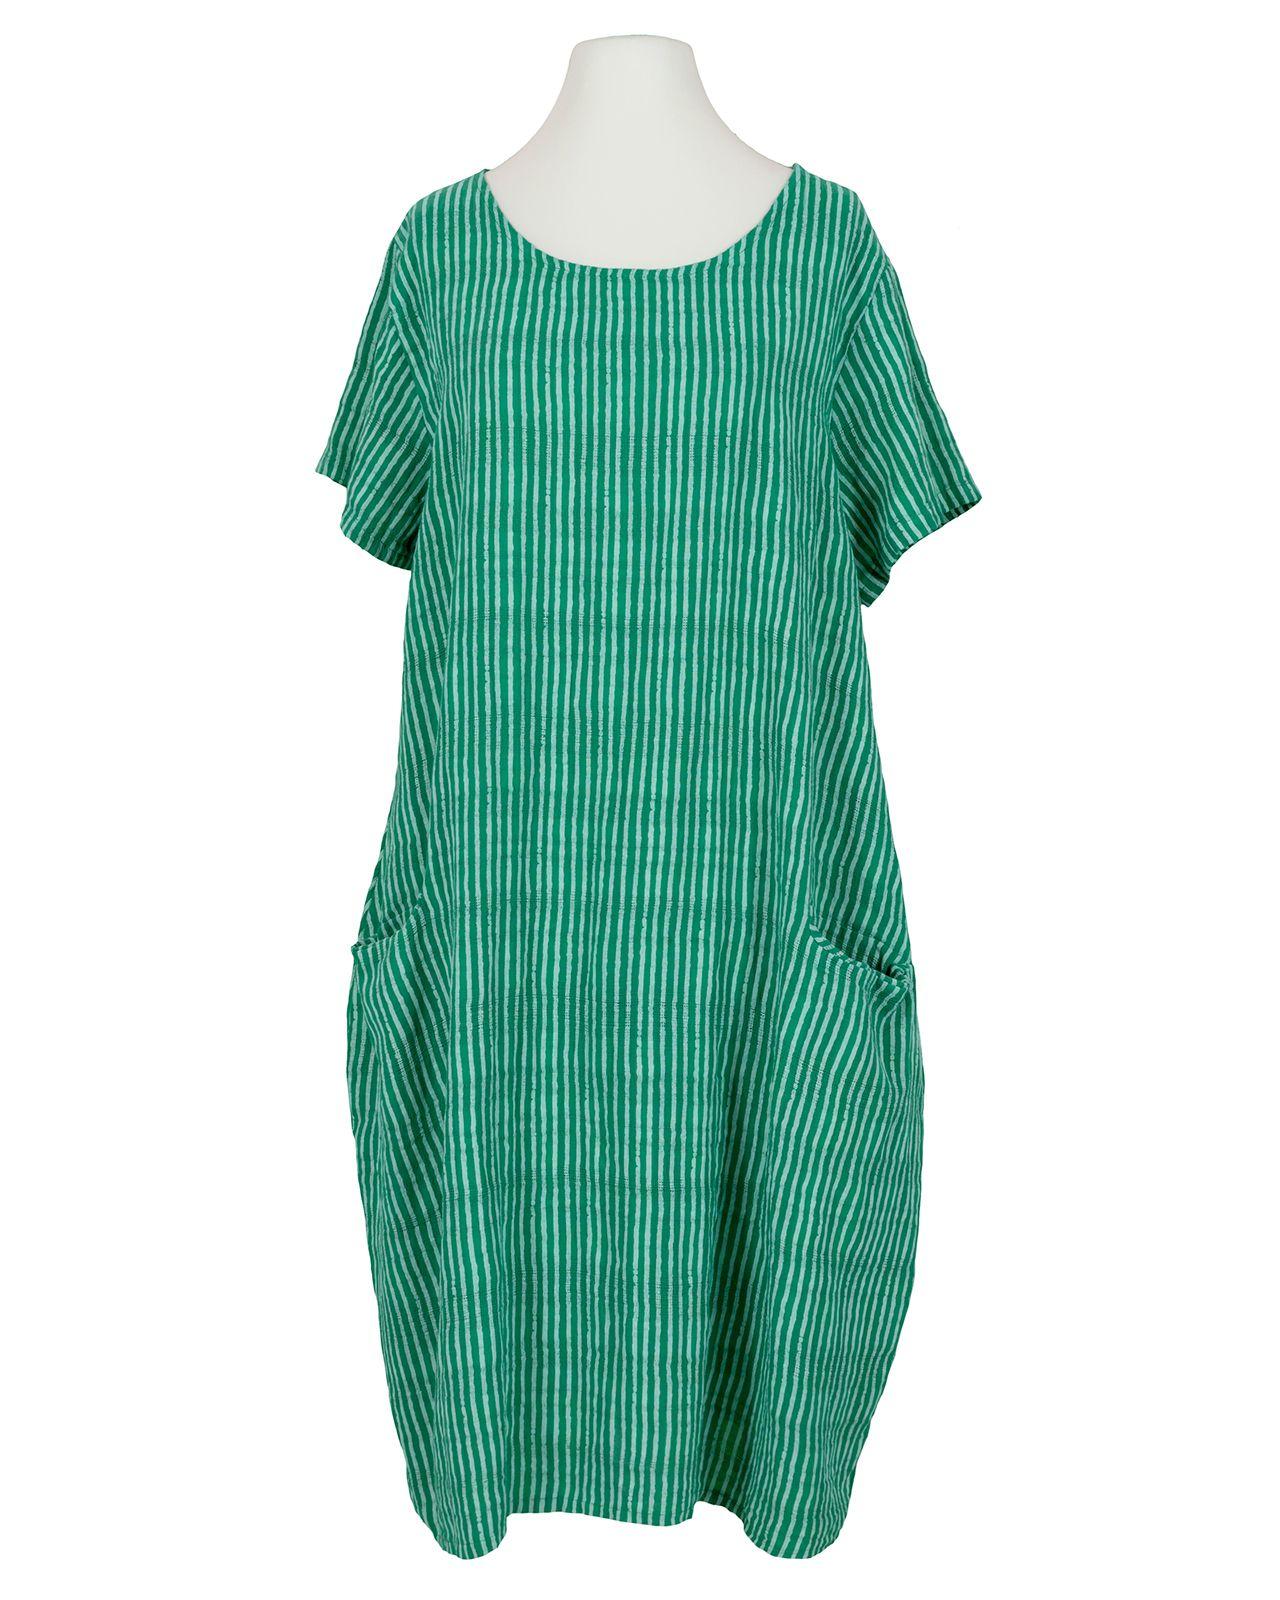 Baumwollkleid Streifen, grÃŒn von Made in Italy in 19  Kleider